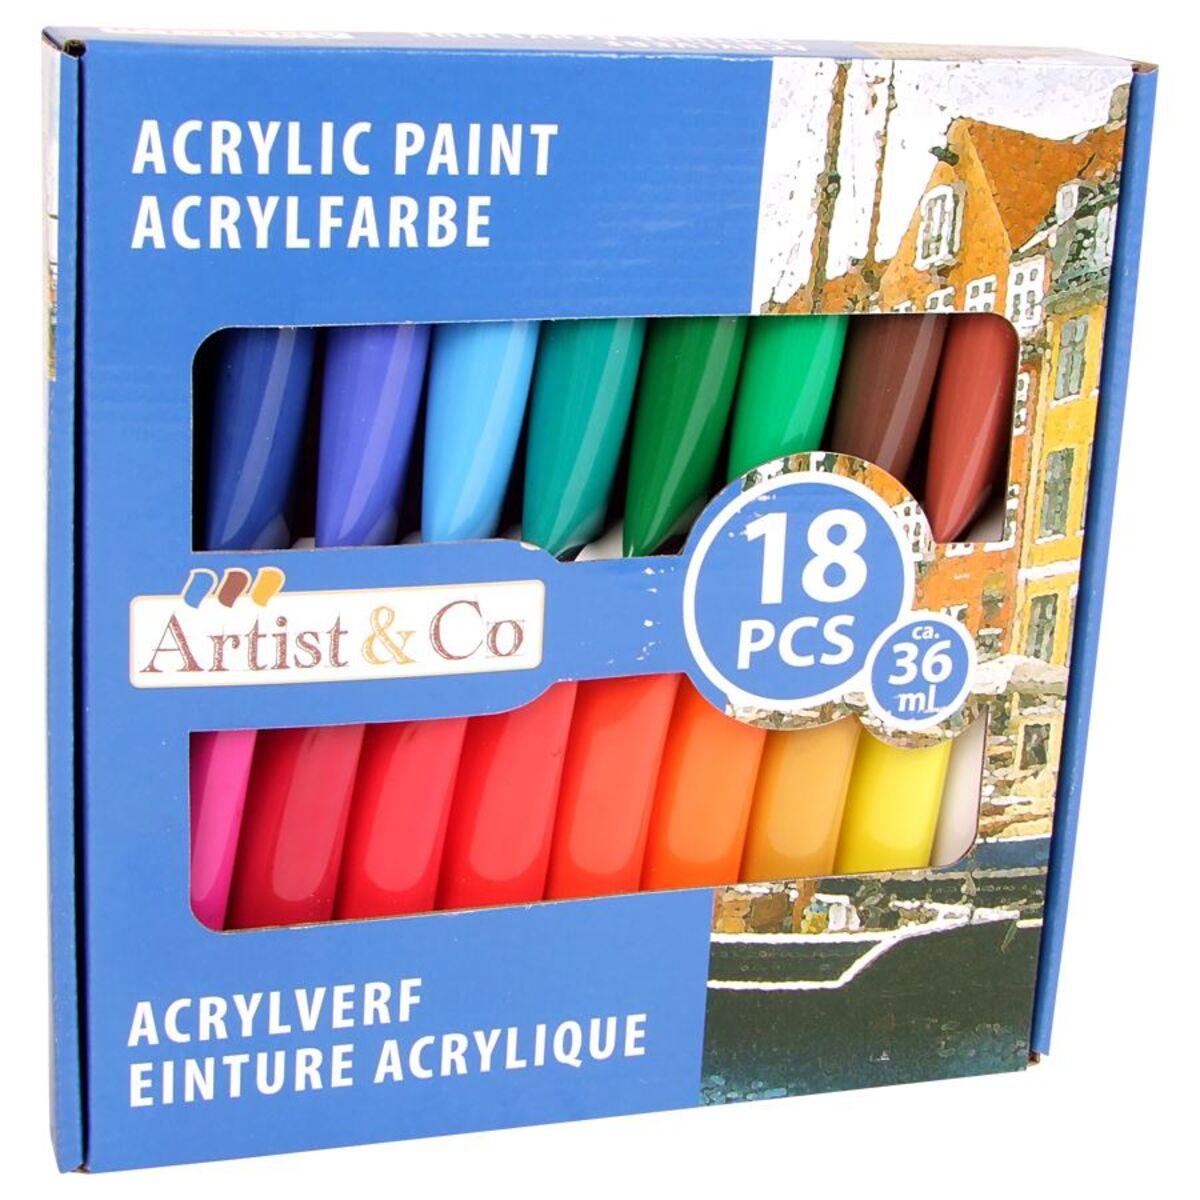 Bild 2 von Artist & Co Acrylfarben 18-teilig